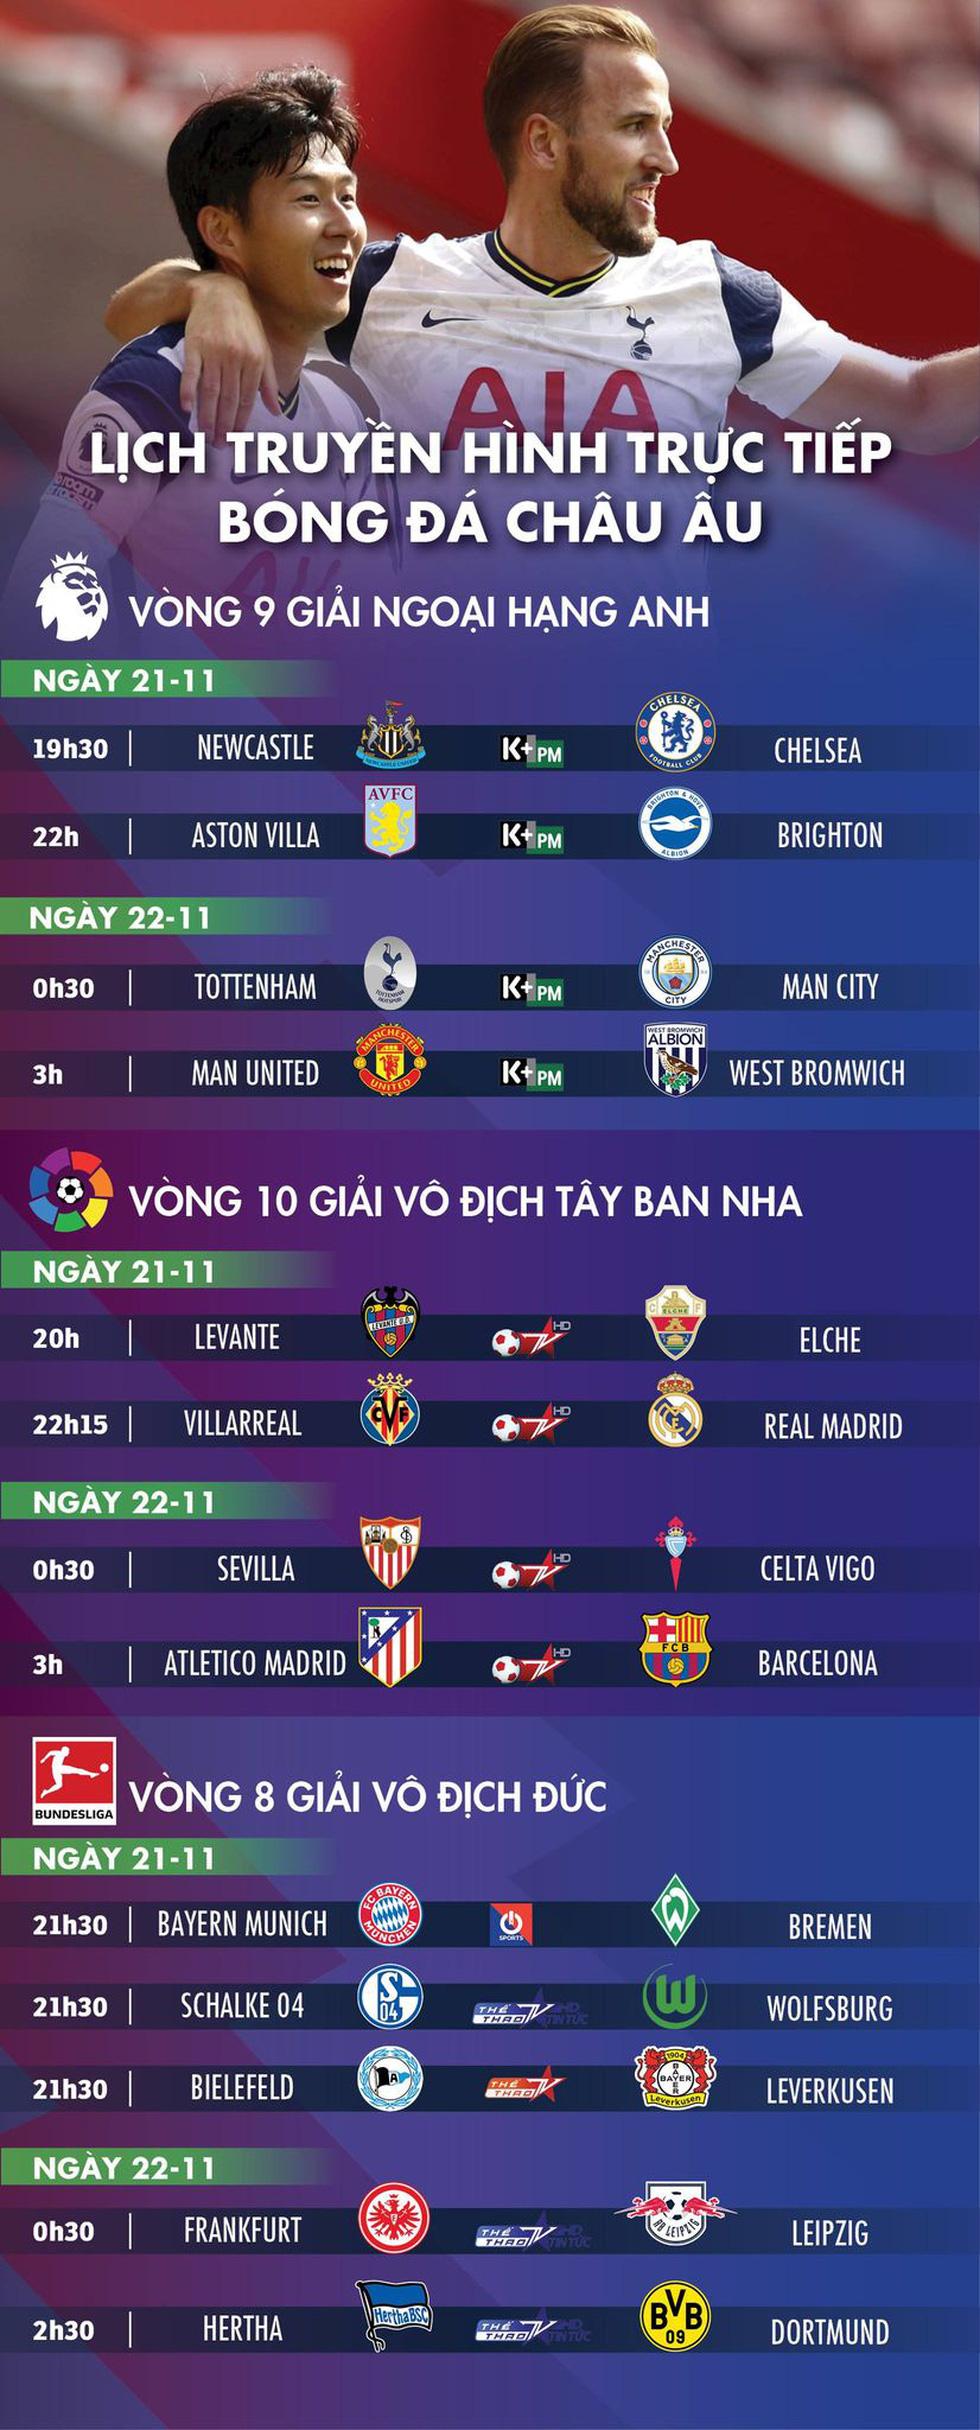 Lịch trực tiếp bóng đá châu Âu 21-11: Tottenham - Man City - Ảnh 1.